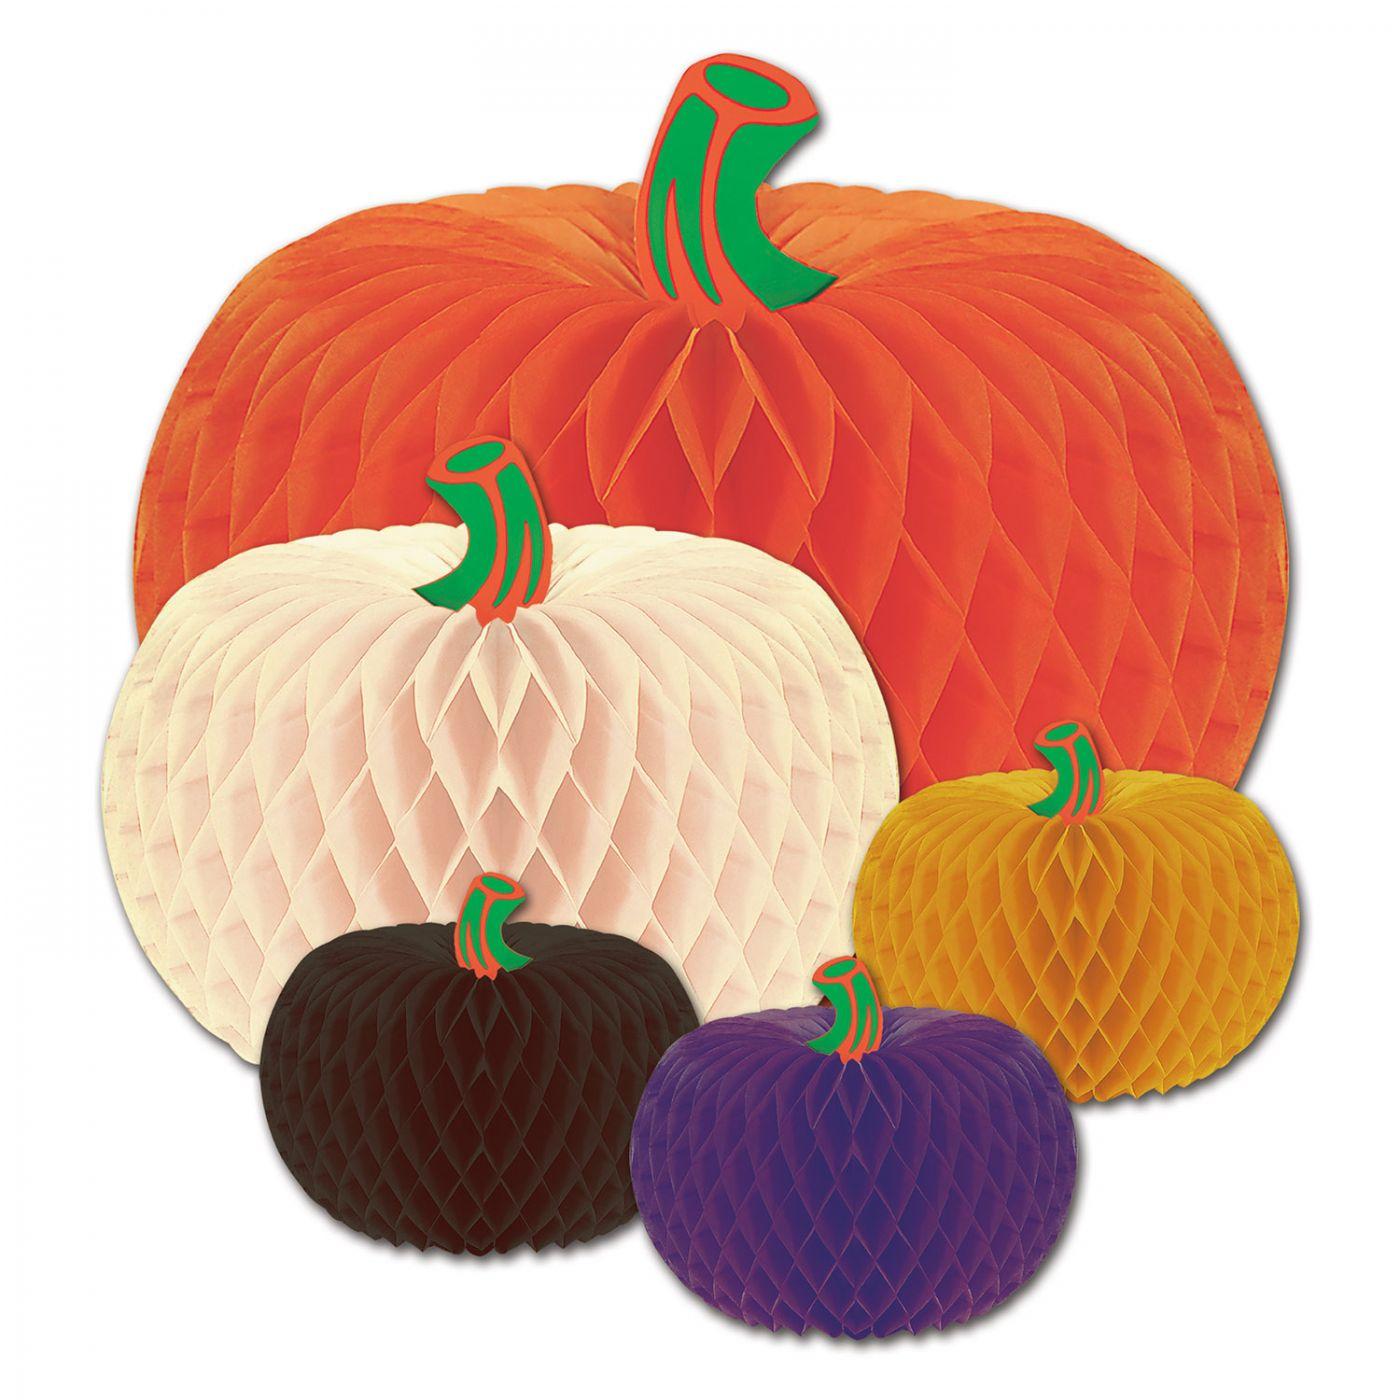 Pkgd Designer Tissue Pumpkins image